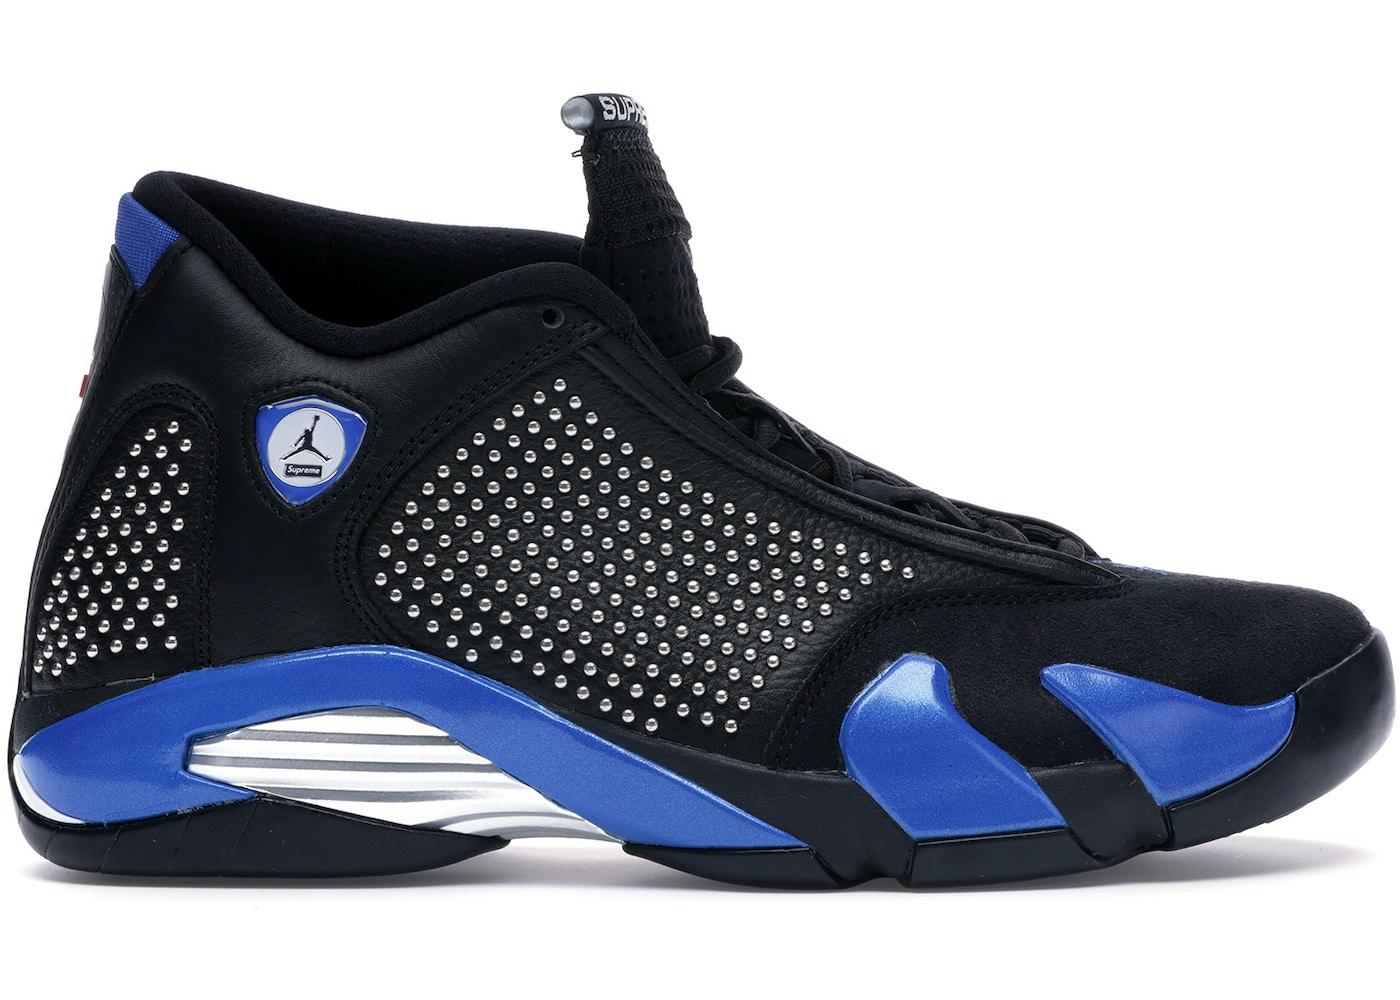 online store 524e2 1d937 Jordan 14 Retro Supreme Black